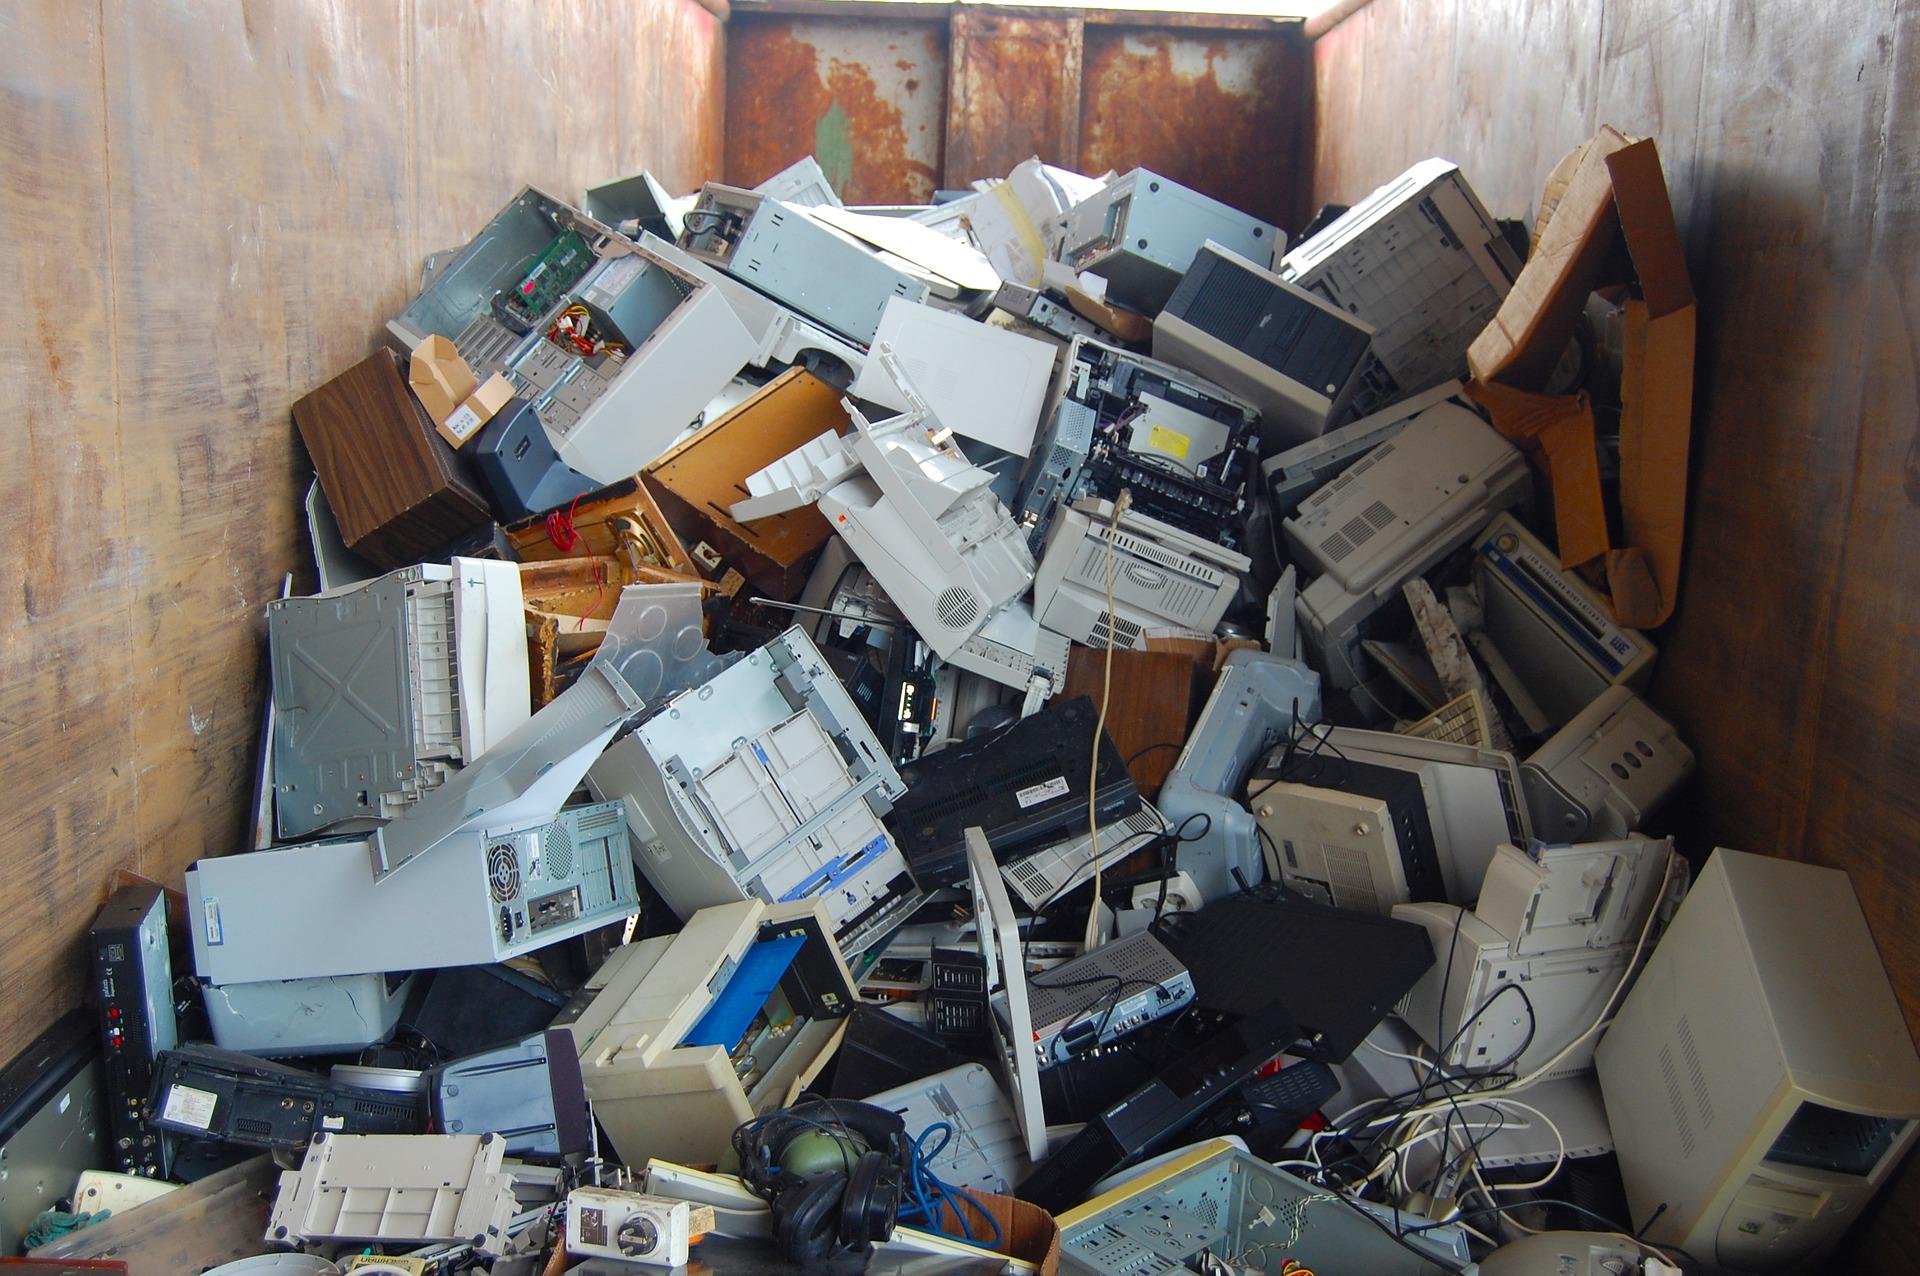 Reciclaje de equipos informáticos